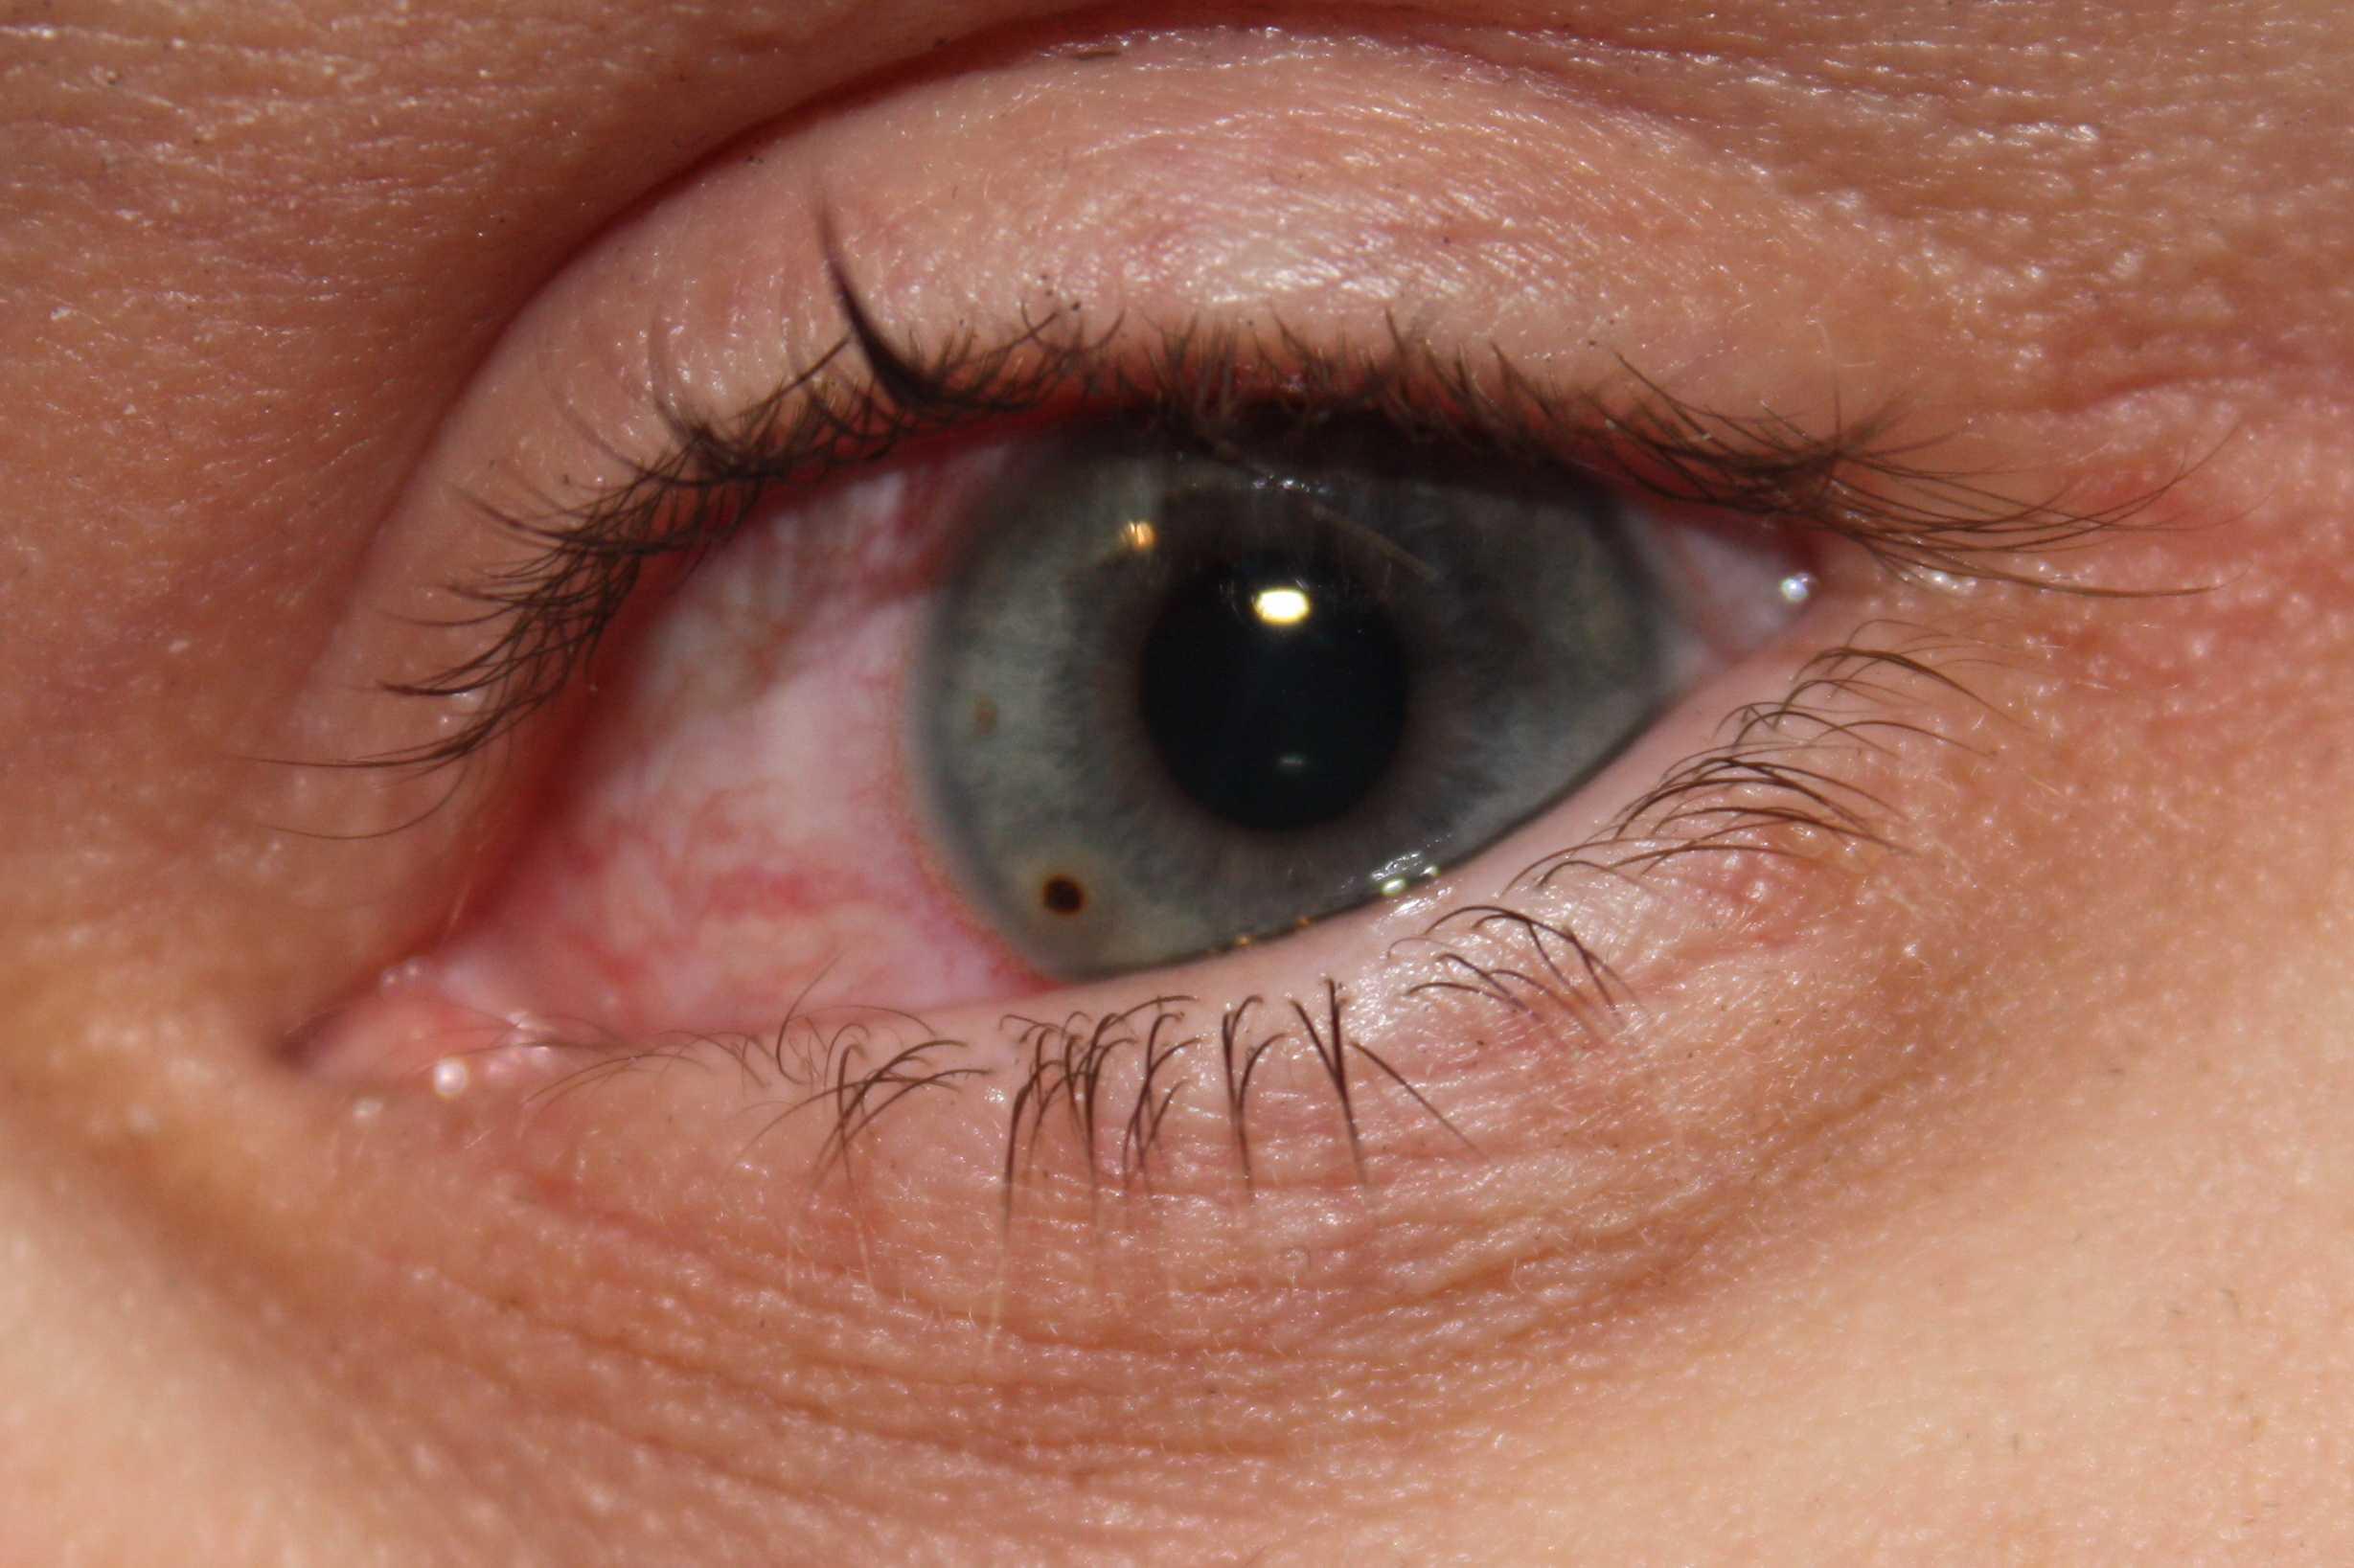 Мутно видит половина глаза после удаления металической стружки - вопрос офтальмологу - 03 онлайн